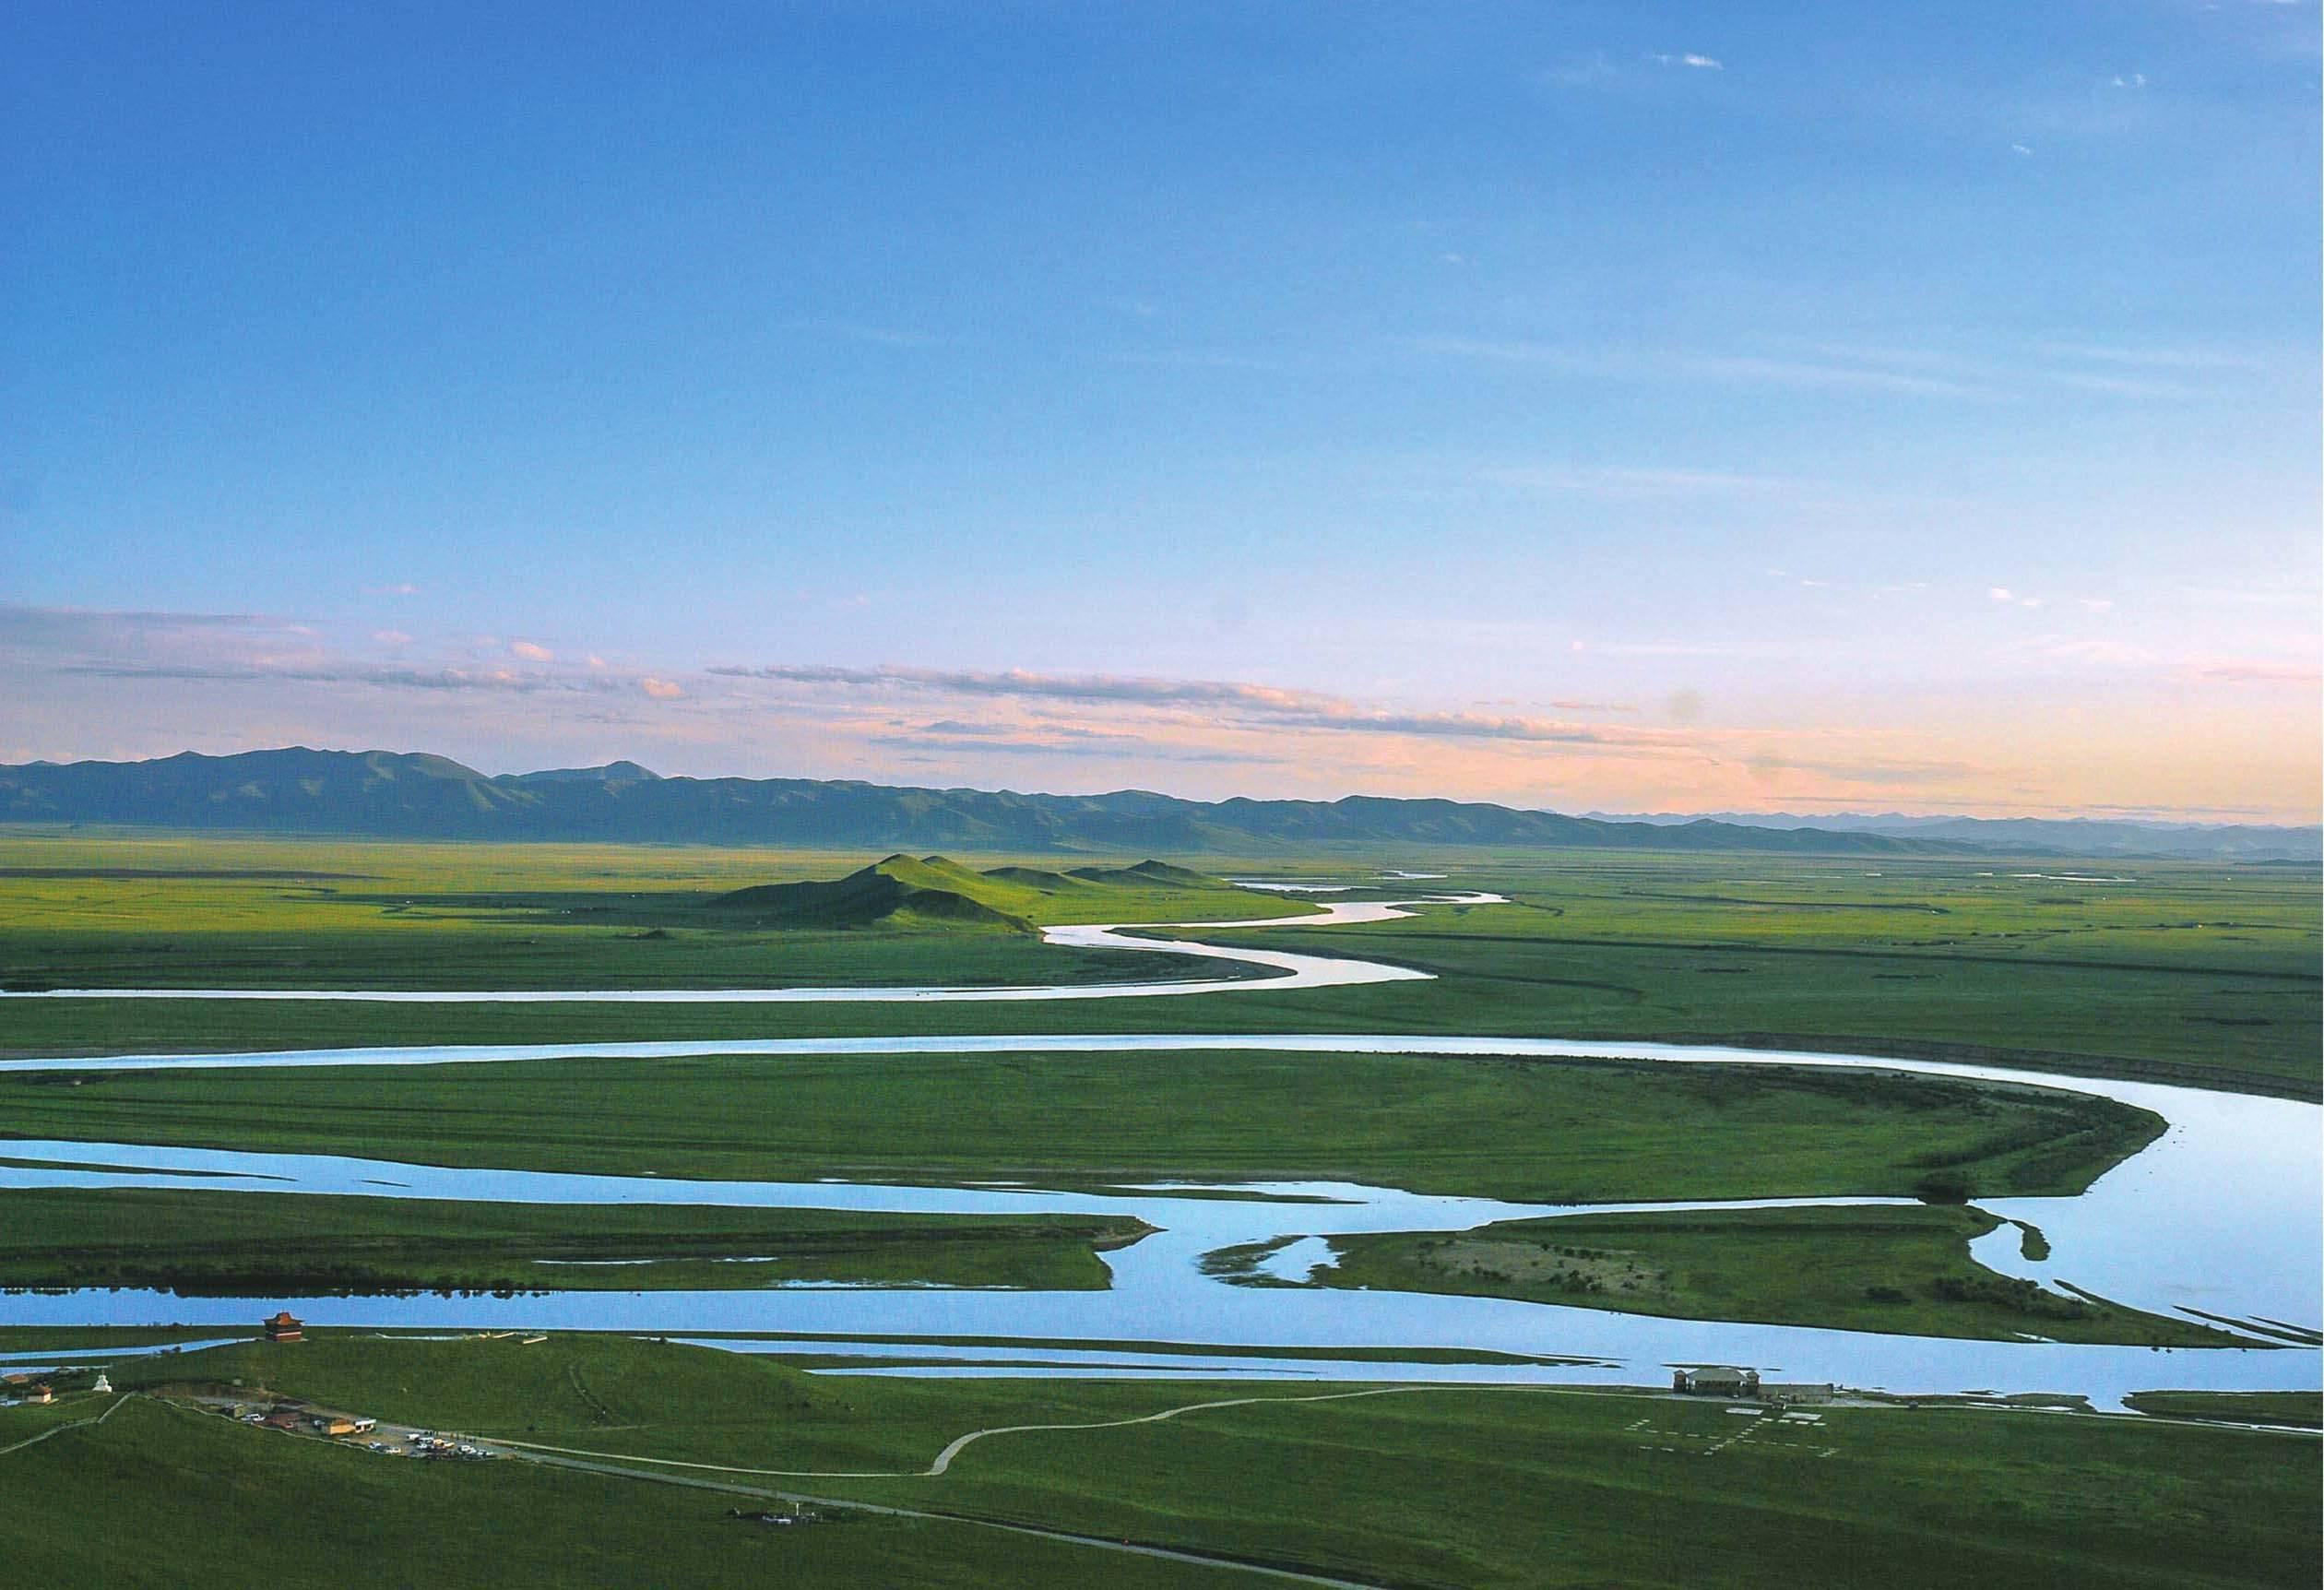 """【小康之约】评论:加强黄河流域保护与发展 努力打造""""幸福河"""""""